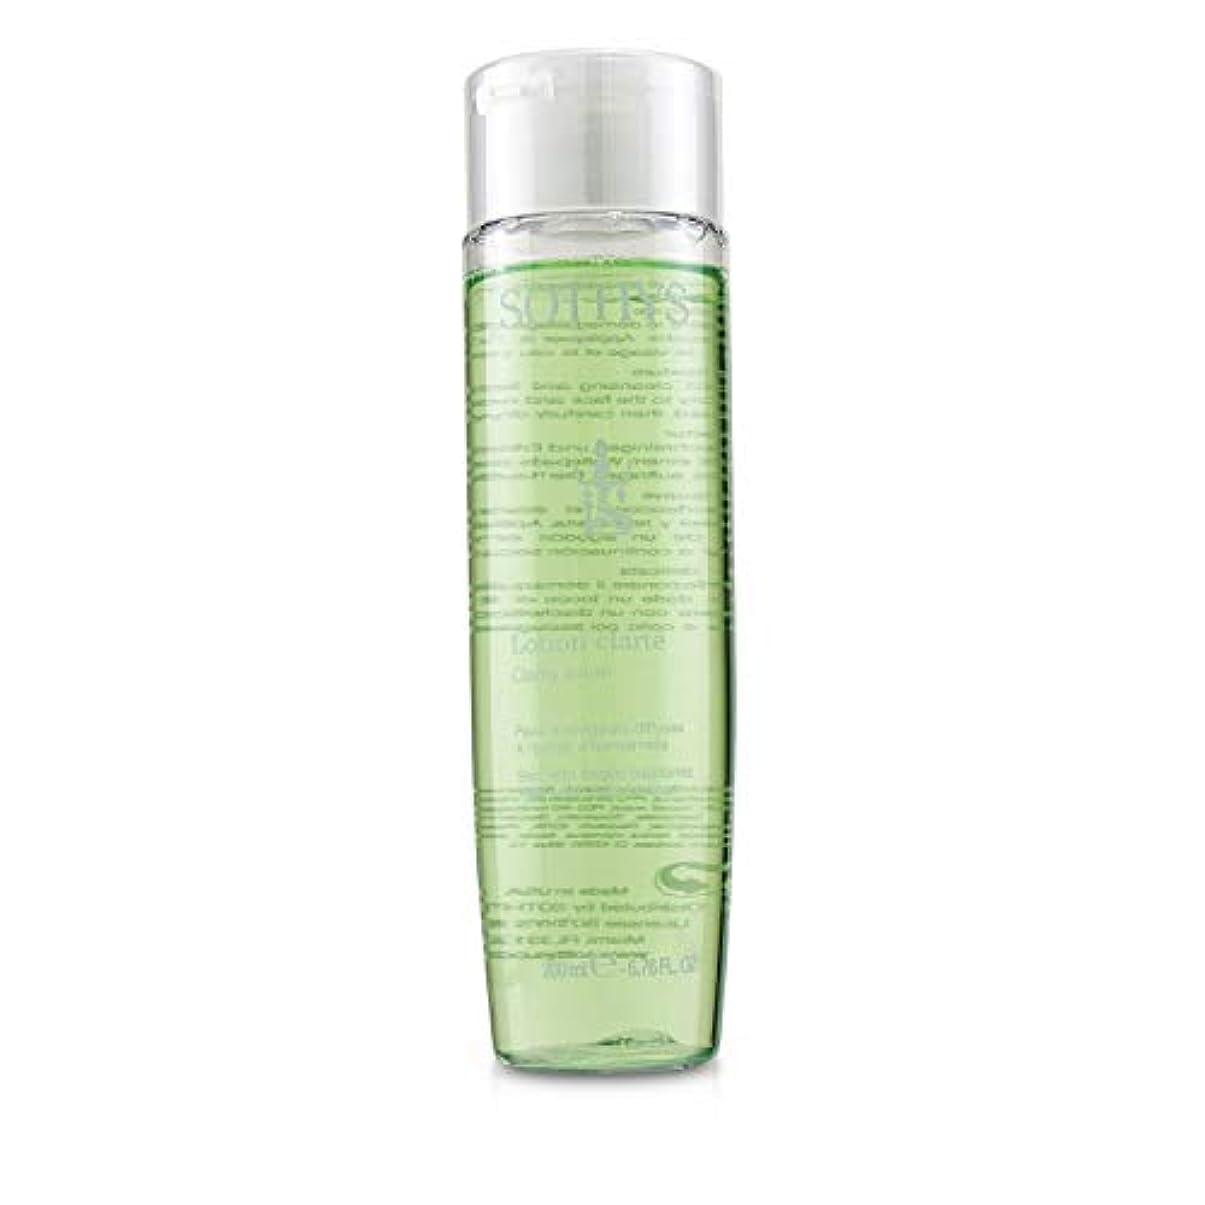 エジプト人馬鹿セマフォSothys Clarity Lotion - For Skin With Fragile Capillaries, With Witch Hazel Extract 200ml/6.76oz並行輸入品